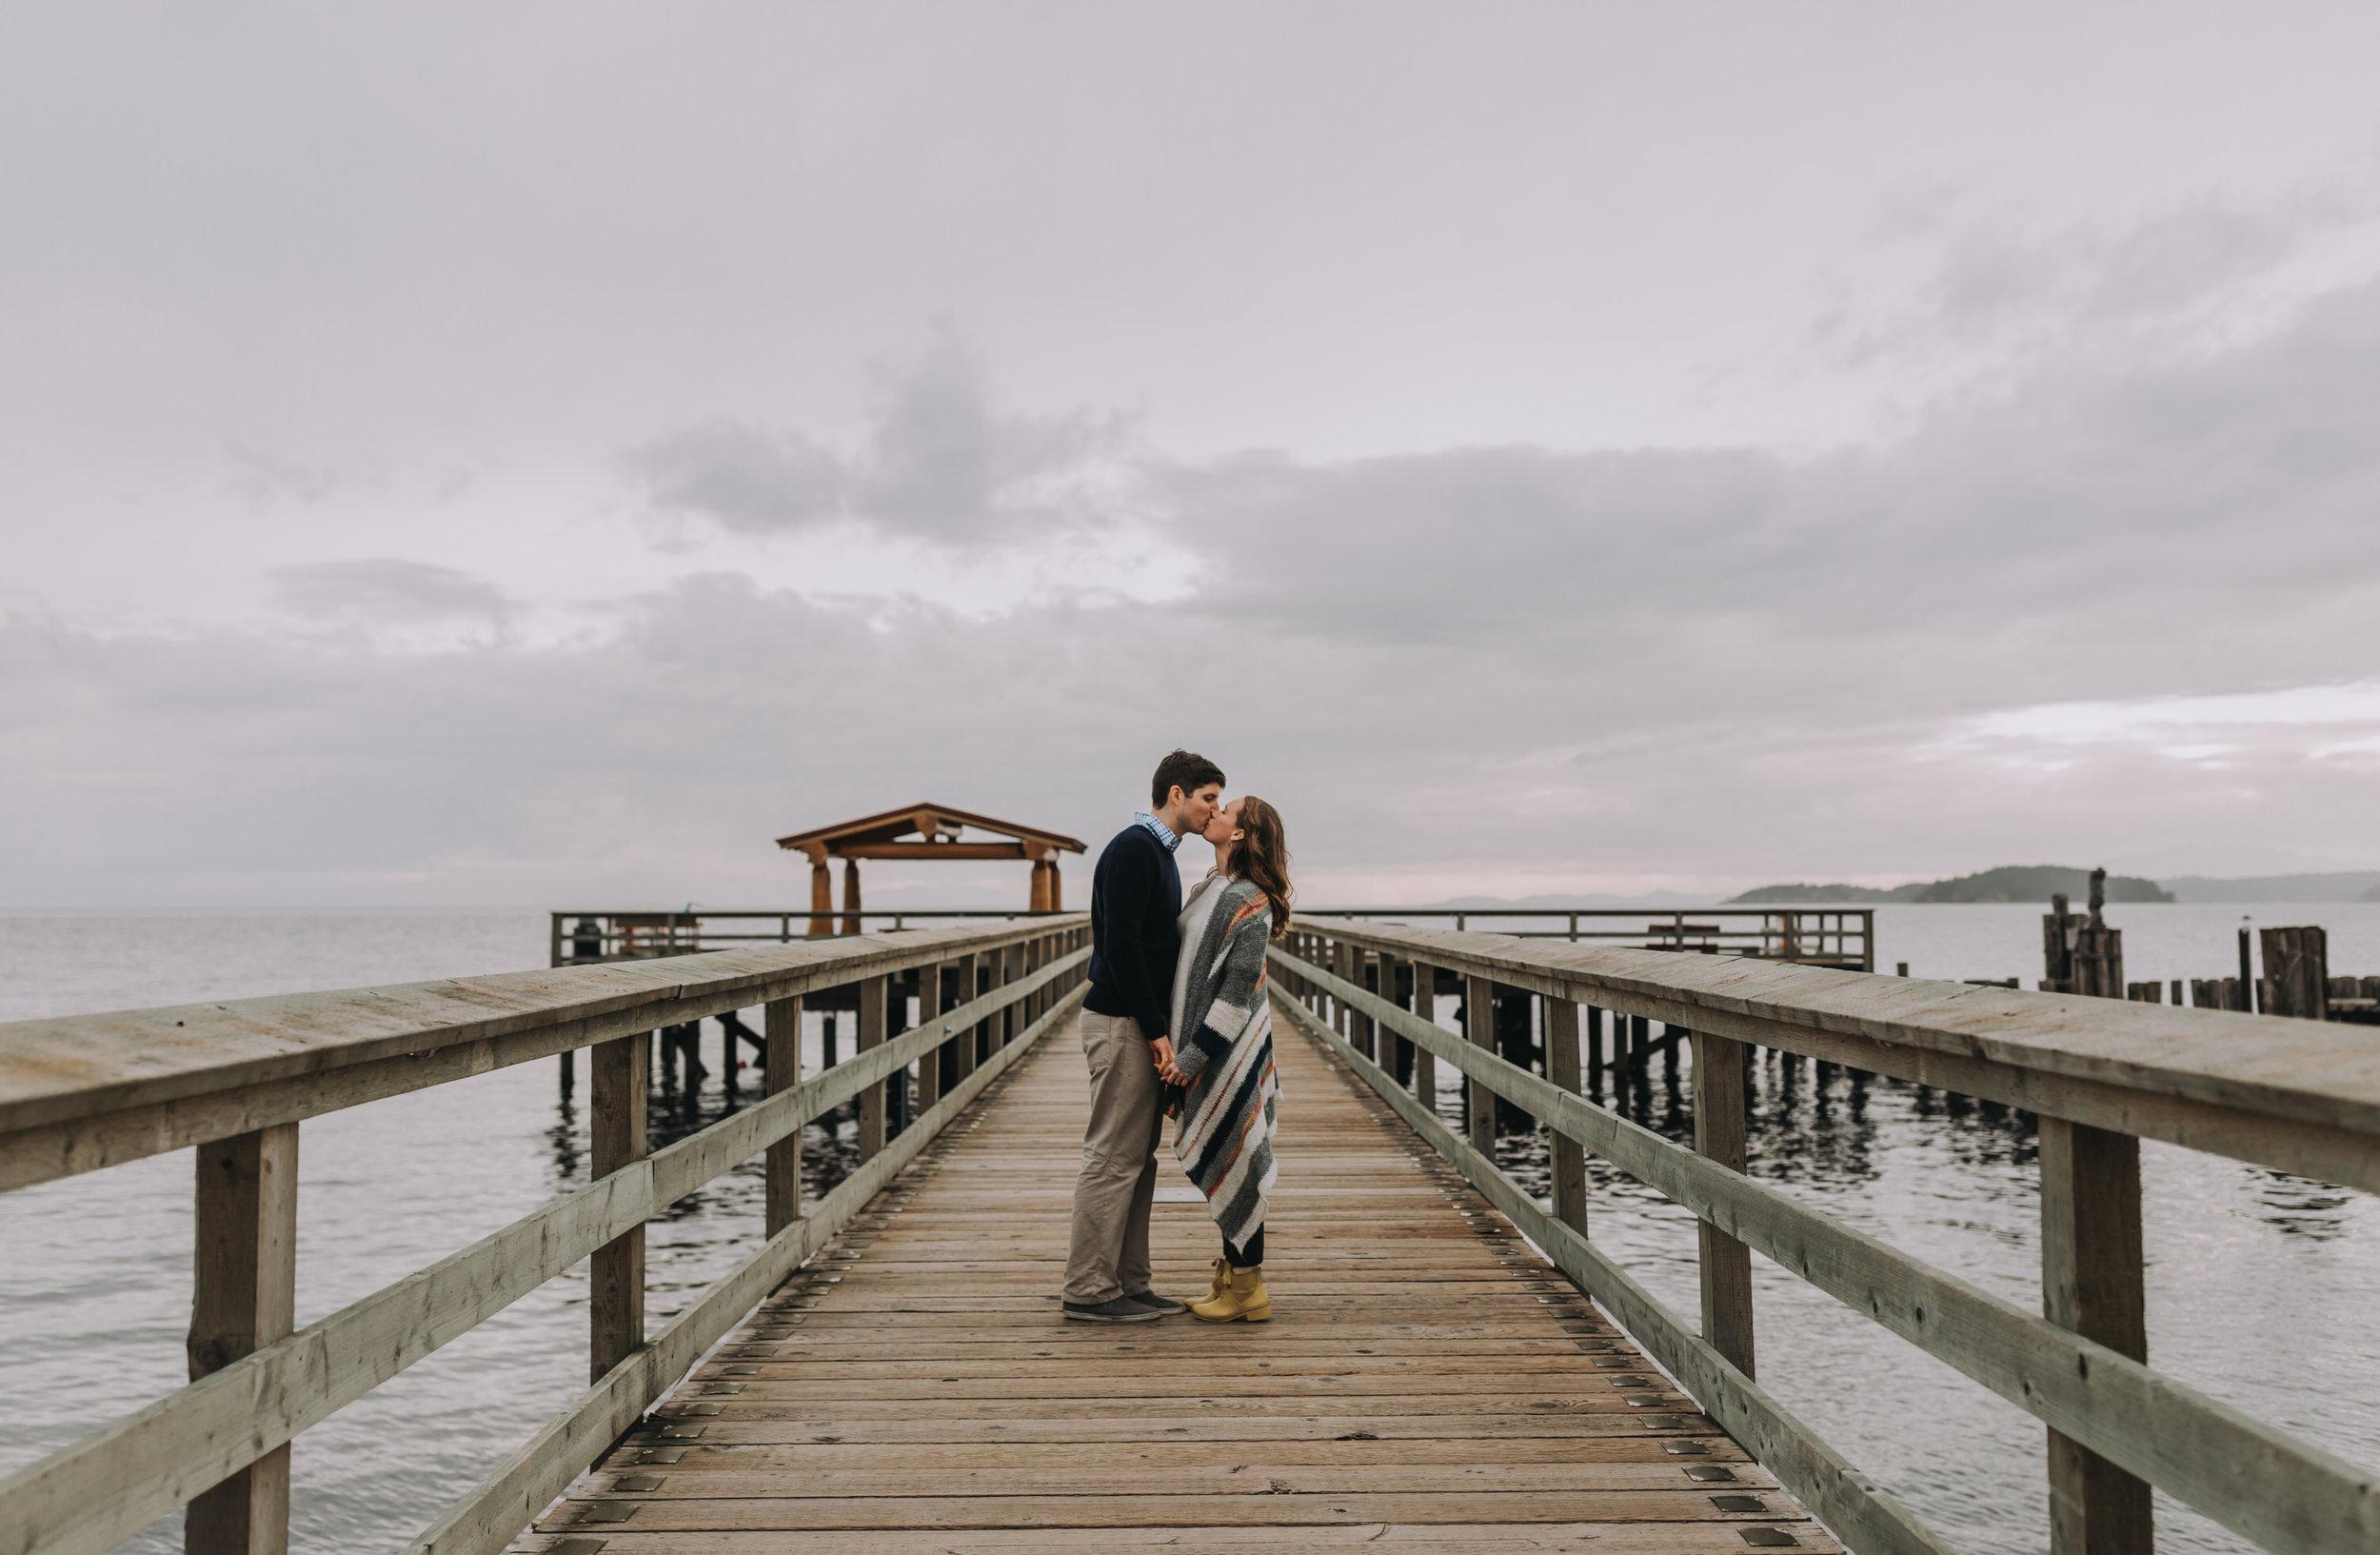 Forest Engagement Photos - Sunshine Coast BC Engagement Photos -  Sunshine Coast Wedding Photographer - Vancouver Wedding Photographer - Jennifer Picard426.JPG